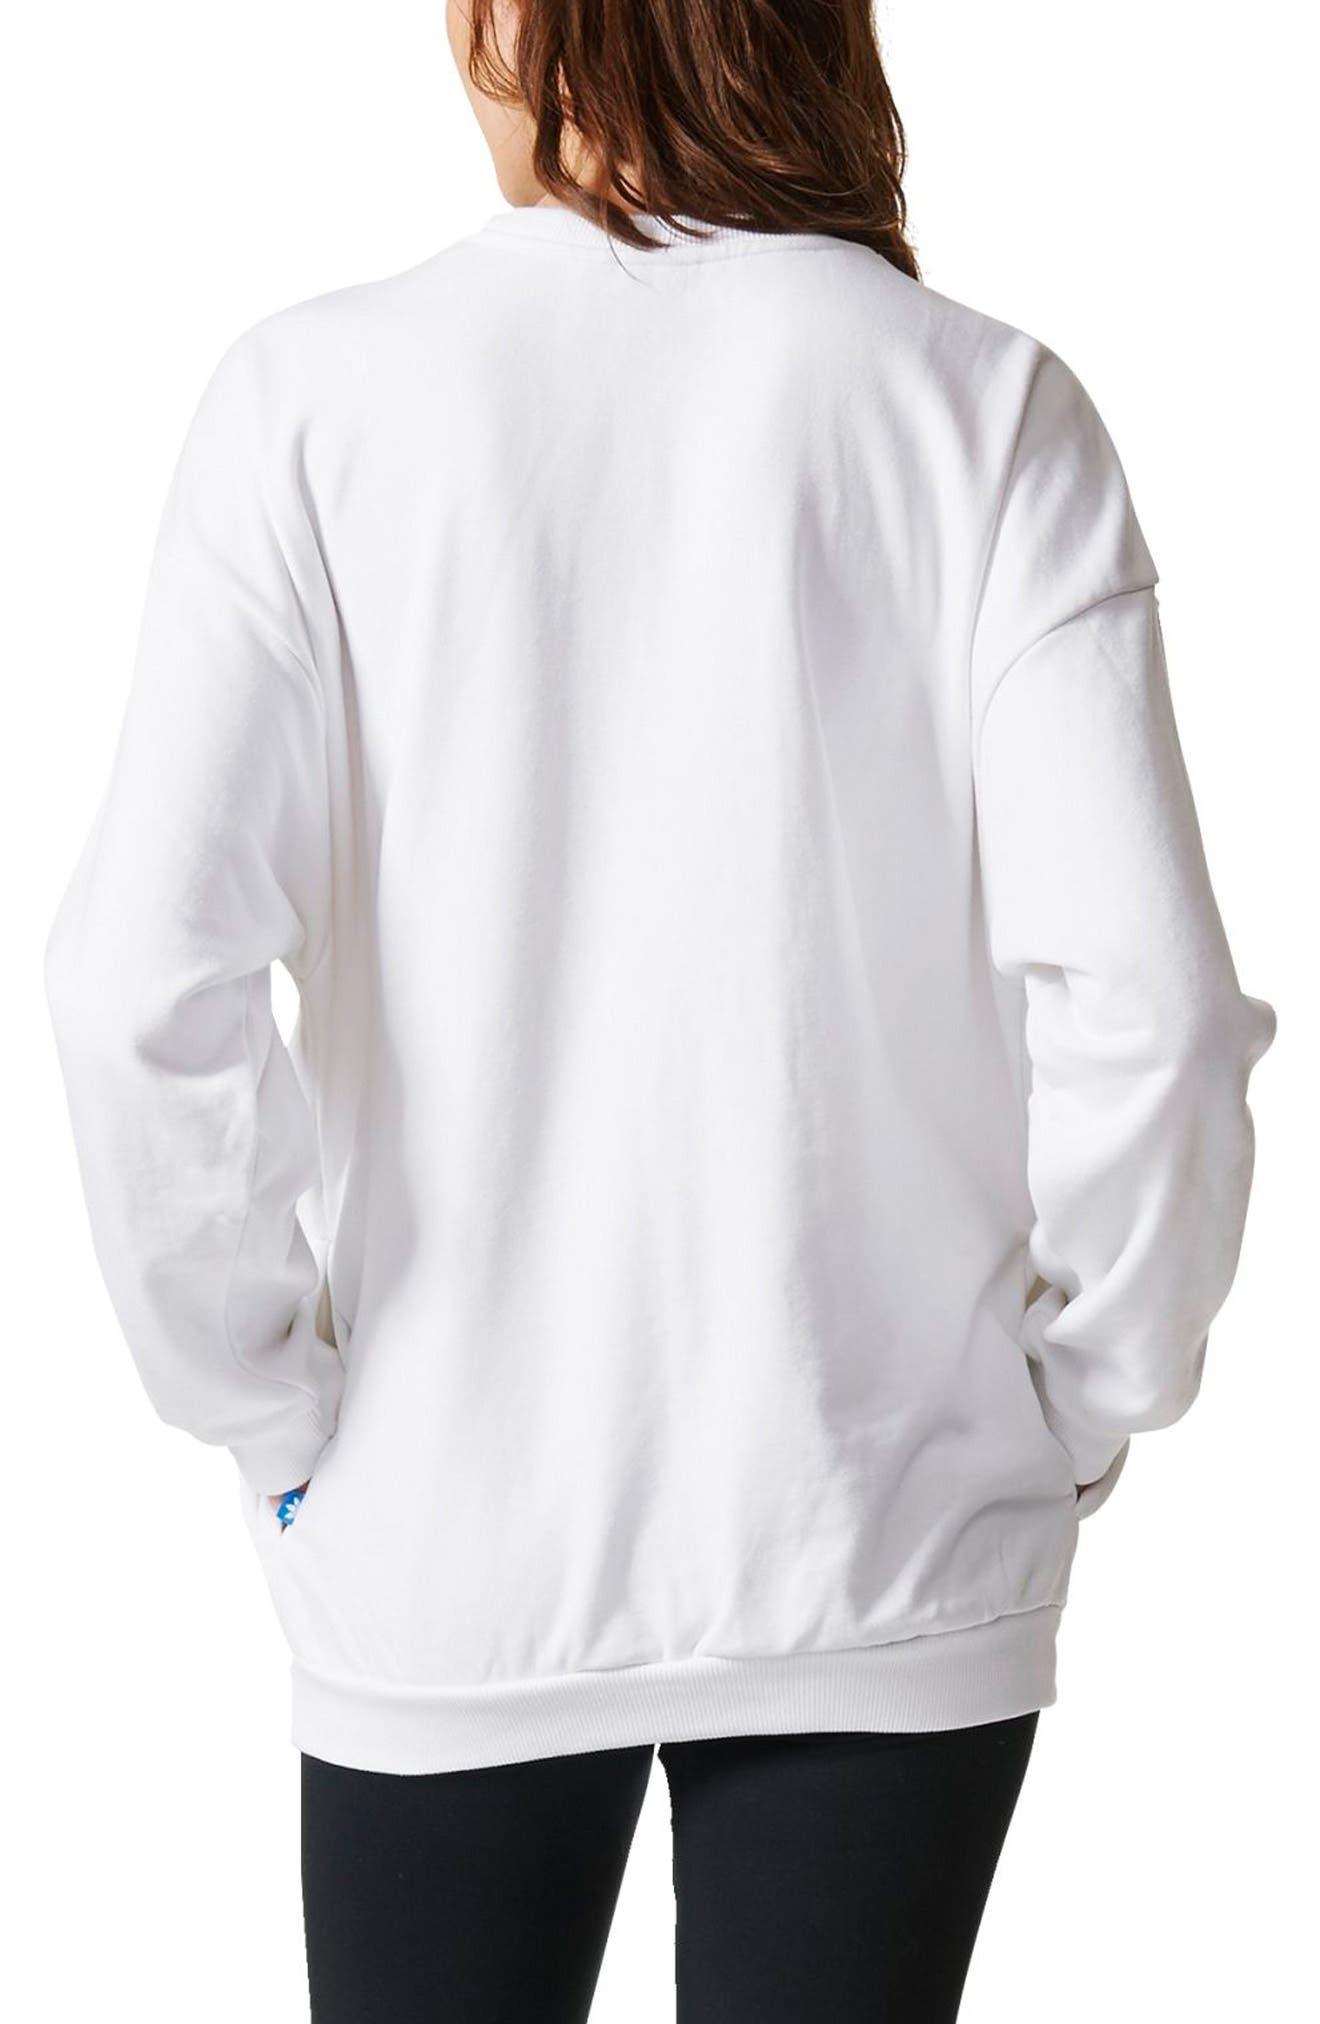 Originals Trefoil Crewneck Sweatshirt,                             Alternate thumbnail 2, color,                             White